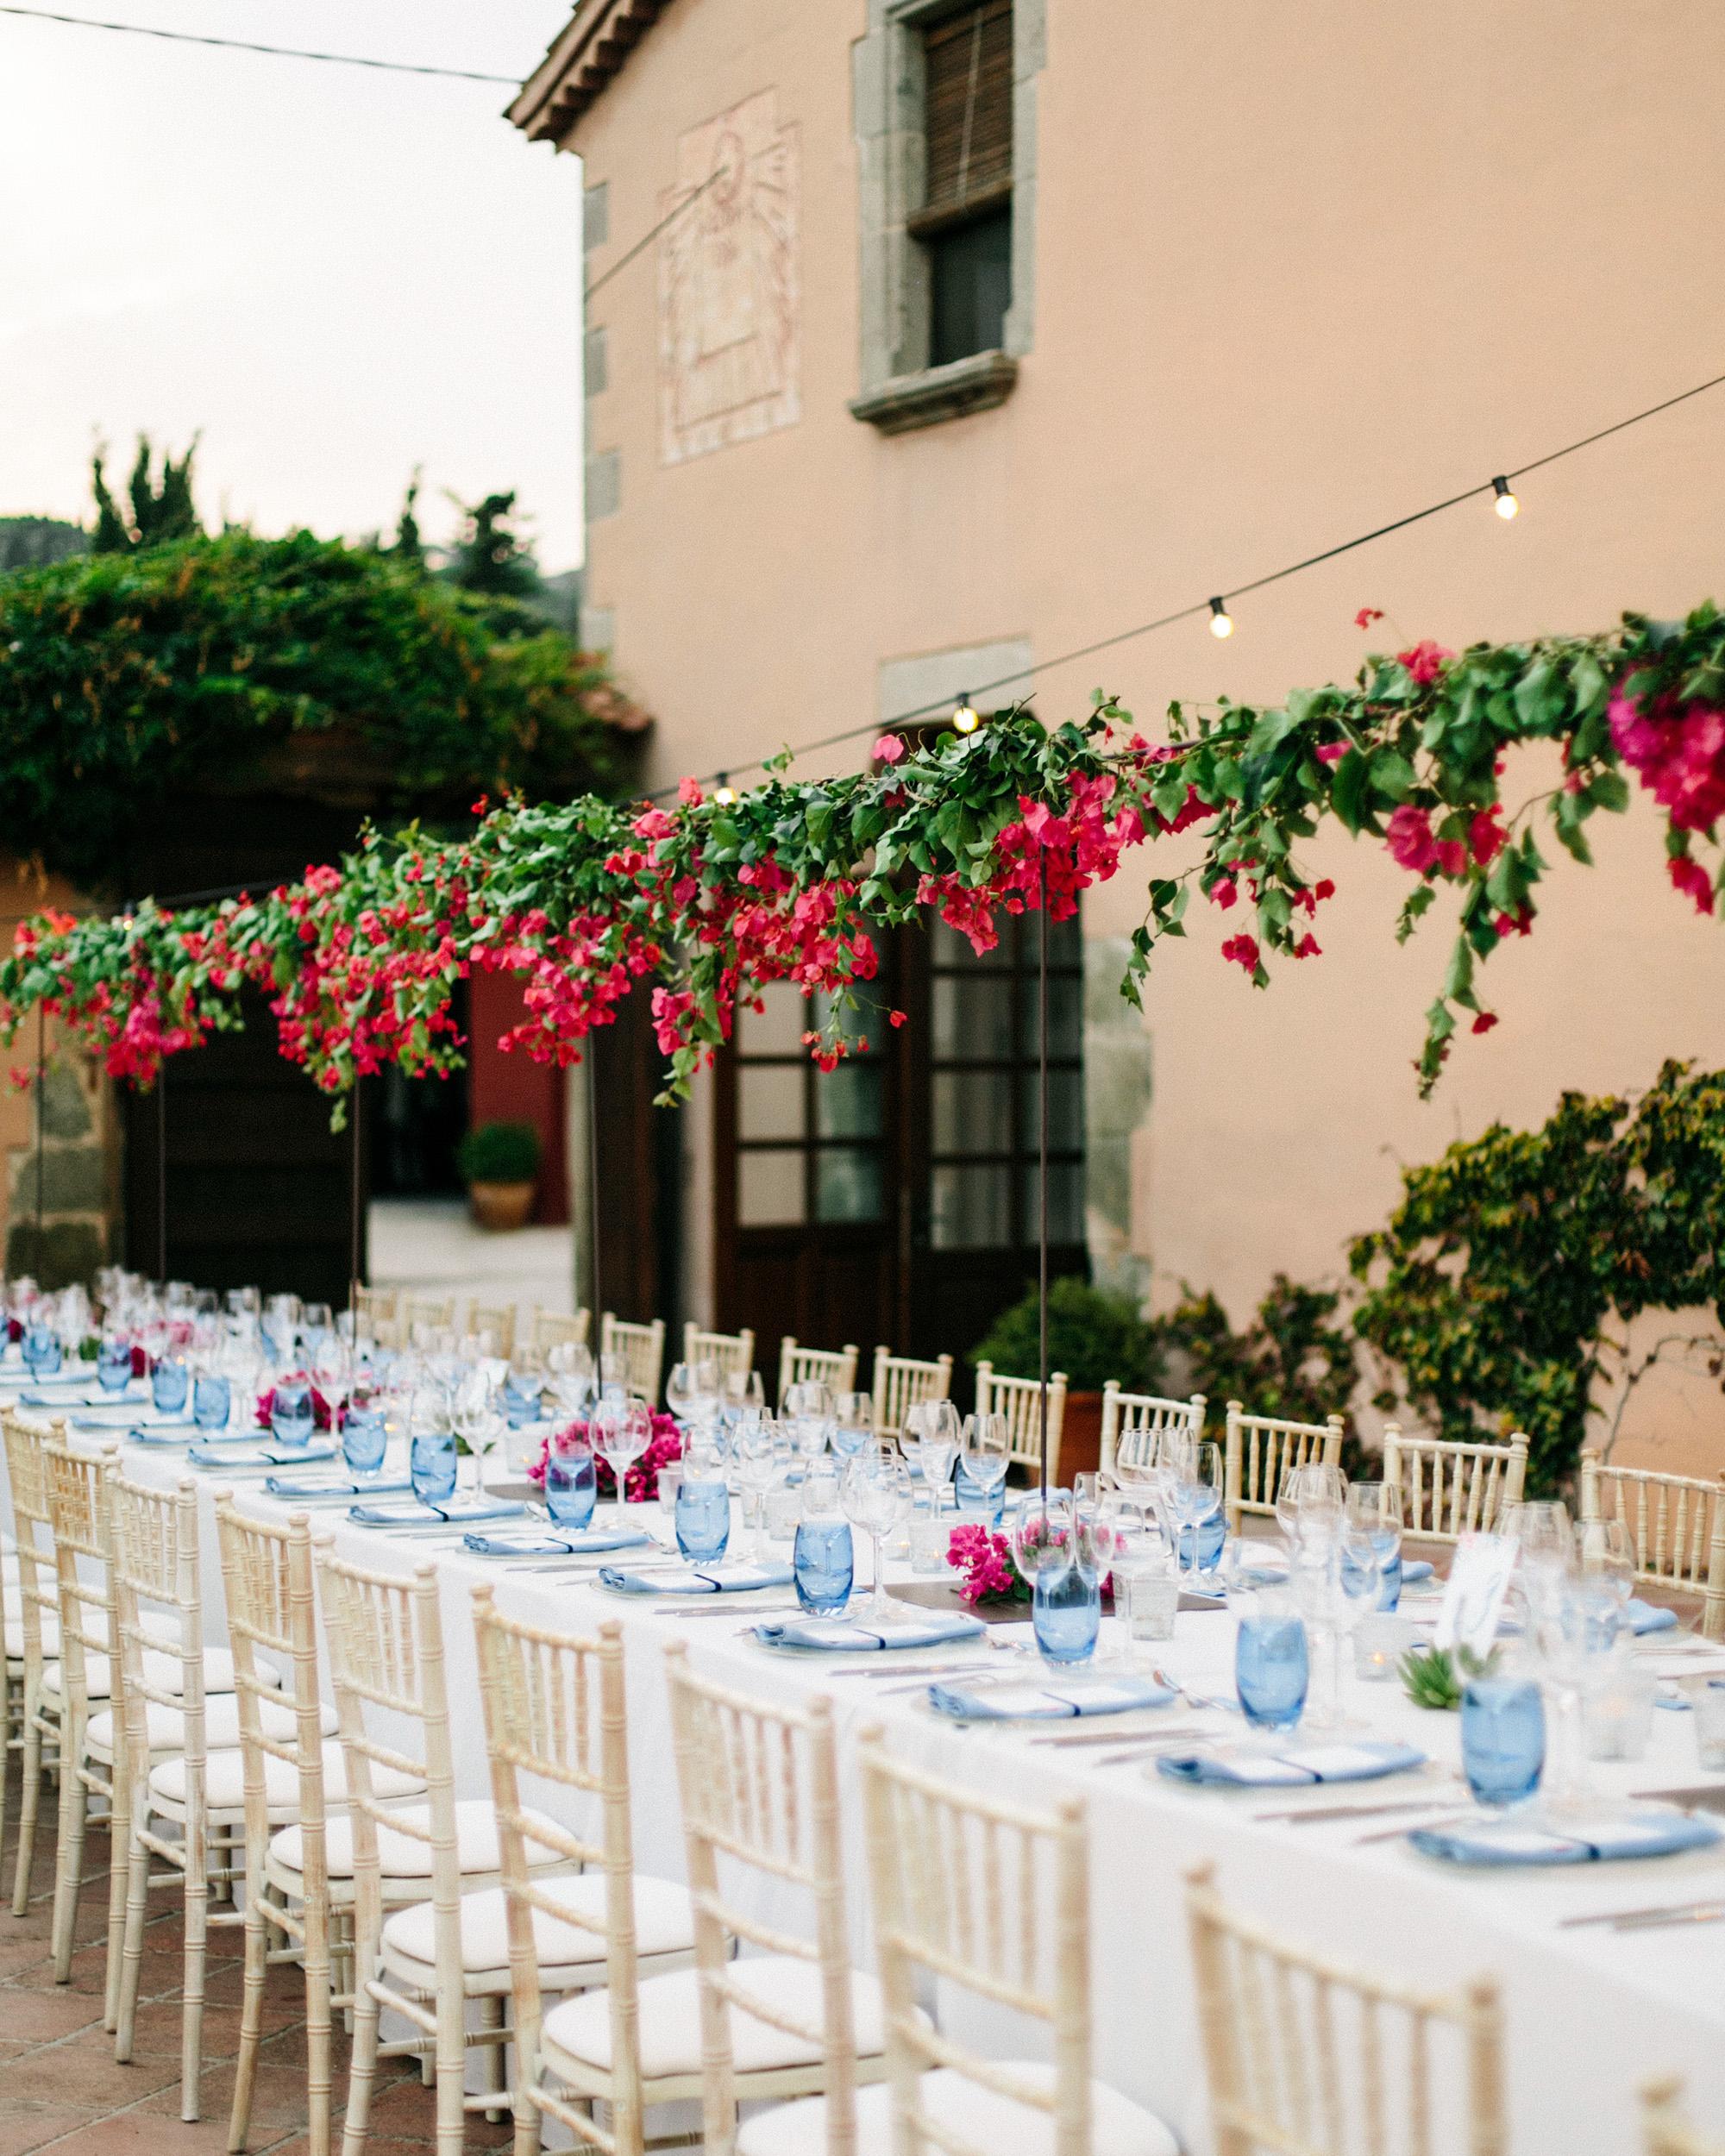 bougainvillea floral arrangements bridge centerpiece